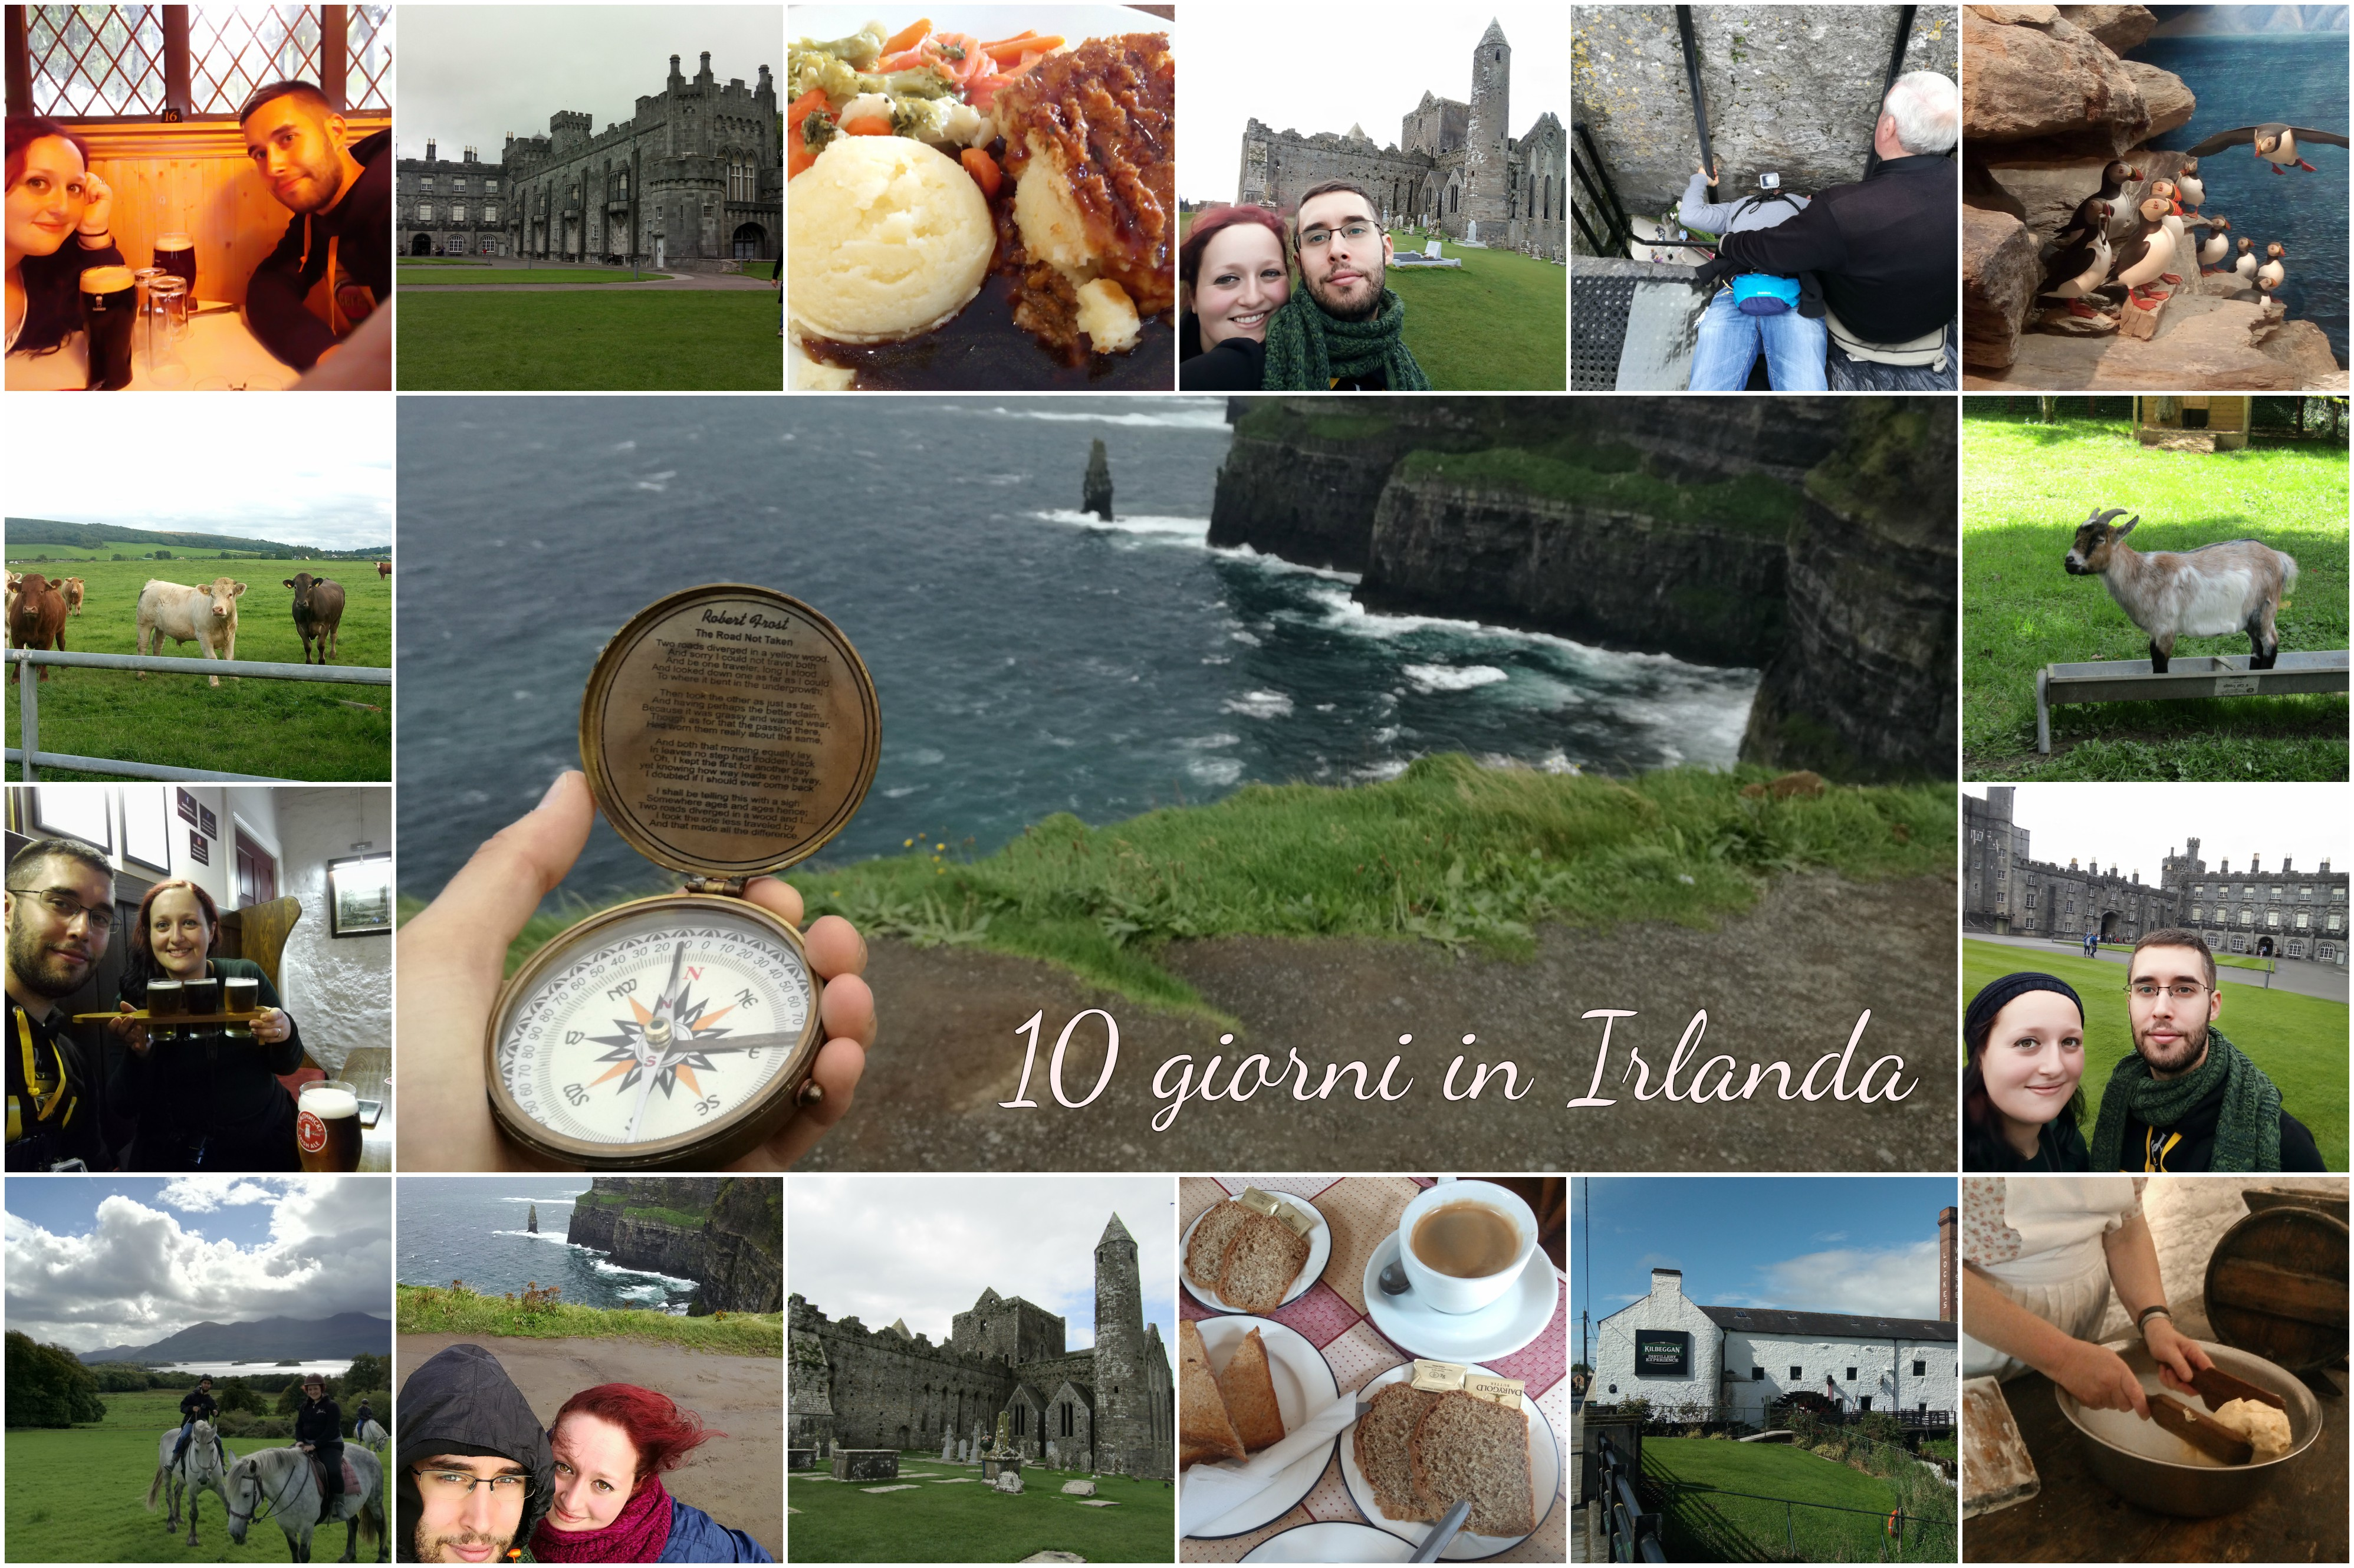 10 Giorni in Irlanda